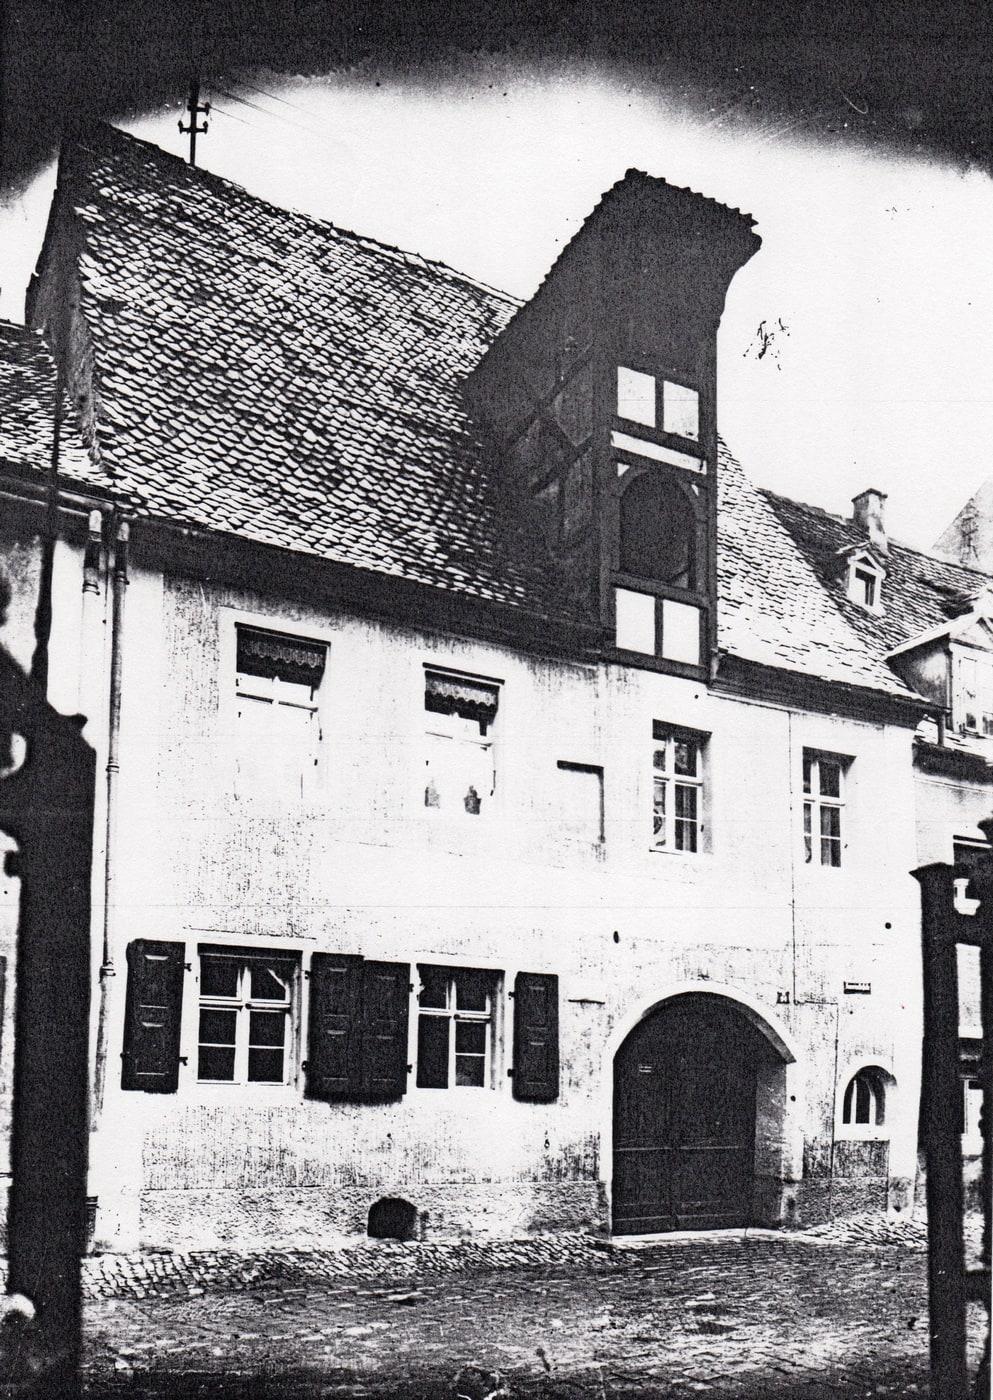 geschichte-des-hotel-brunner-ladekran-teufelsbaeck-1870